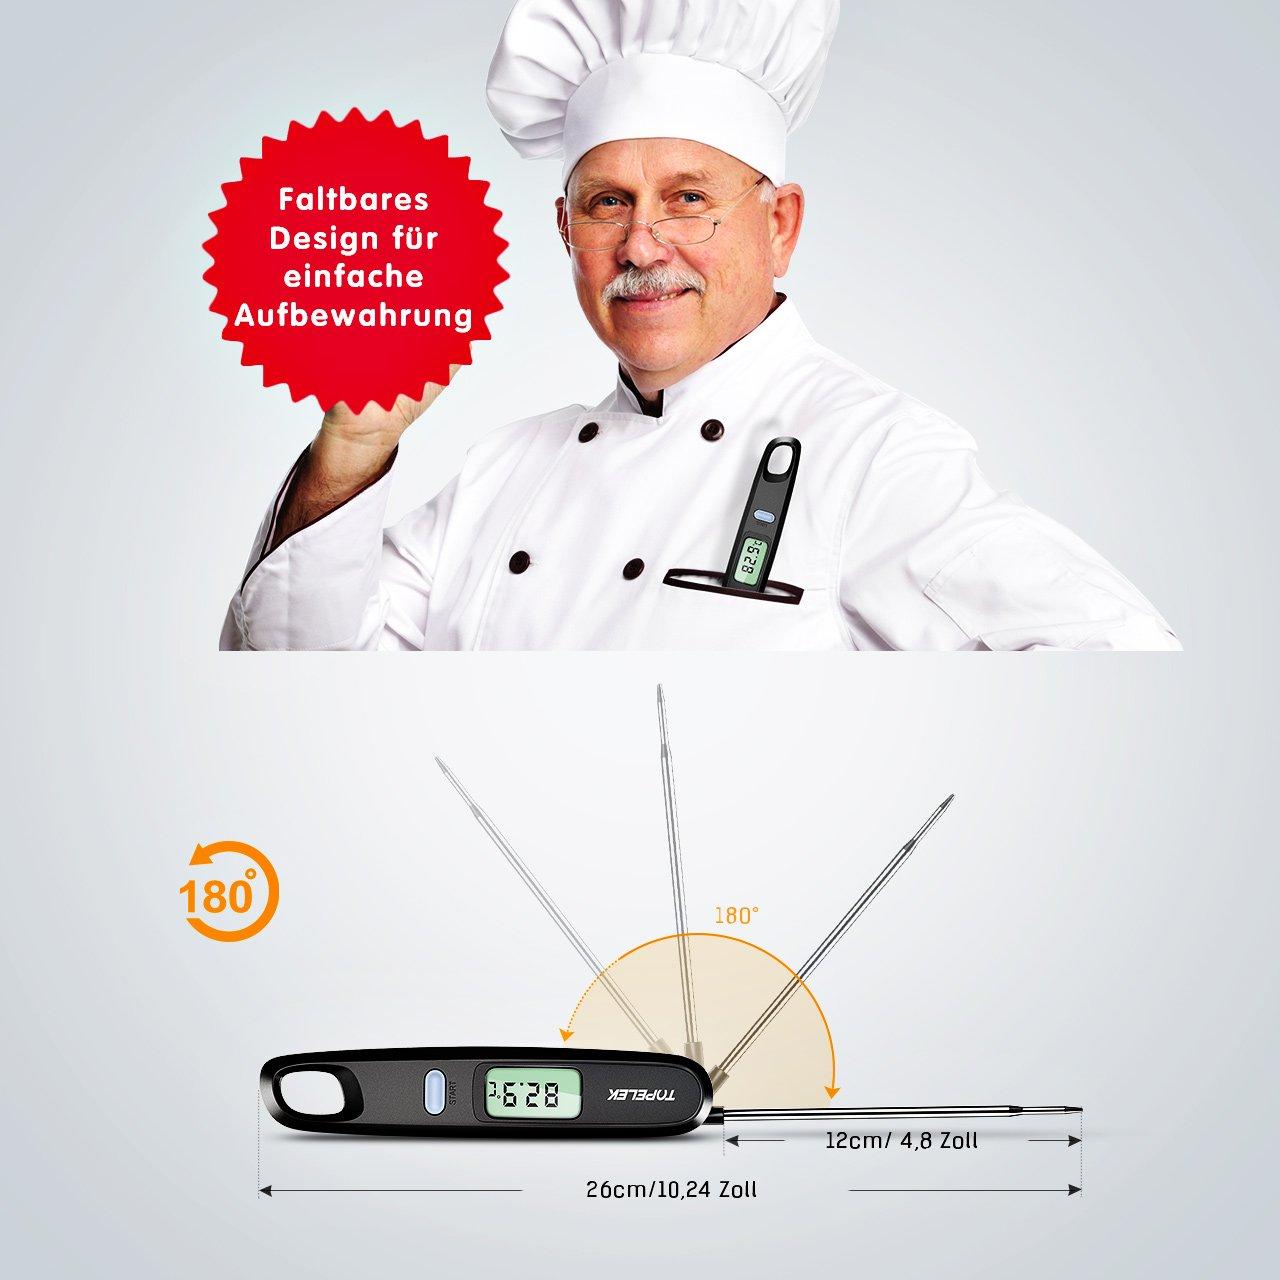 Kunststoff Habor Fleischthermometer Grillthermometer K/ücheThermometer Digital Thermometer Einfach zu lesender Bildschirm 4.8 Zoll Lange Edelstahl Sonde Ideal f/ür BBQ Milch K/üche Grill